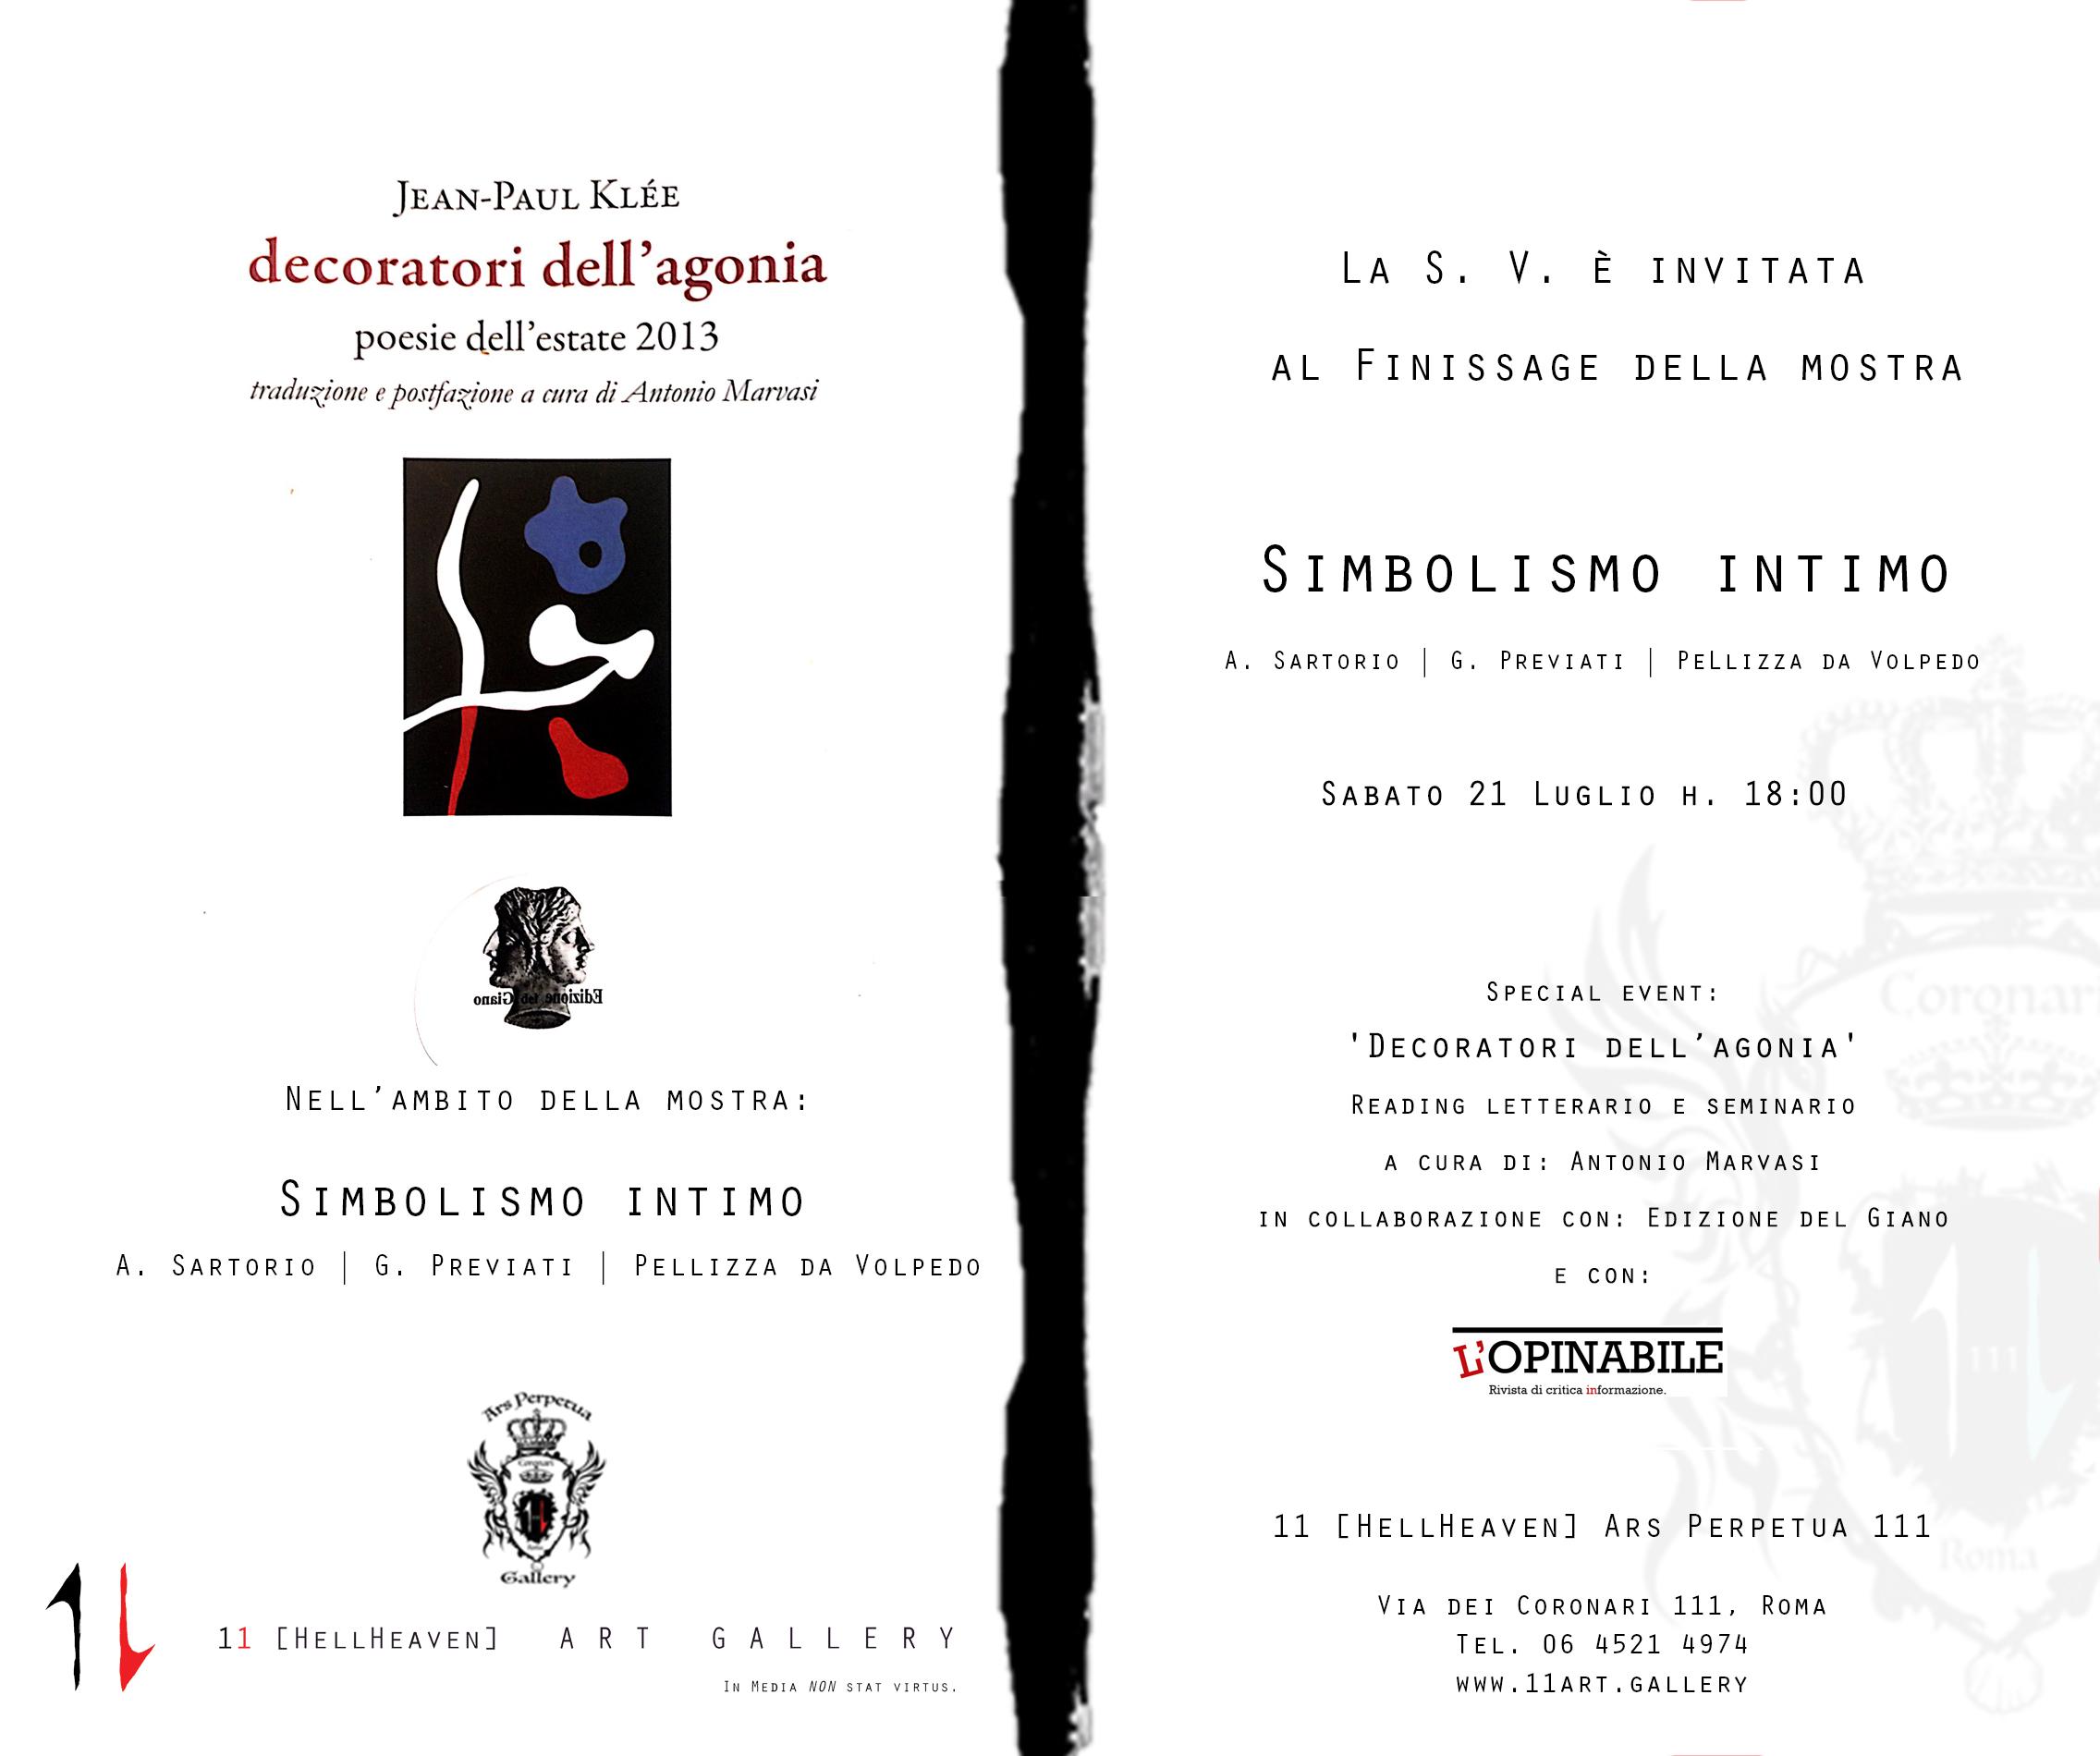 invito_finissage2